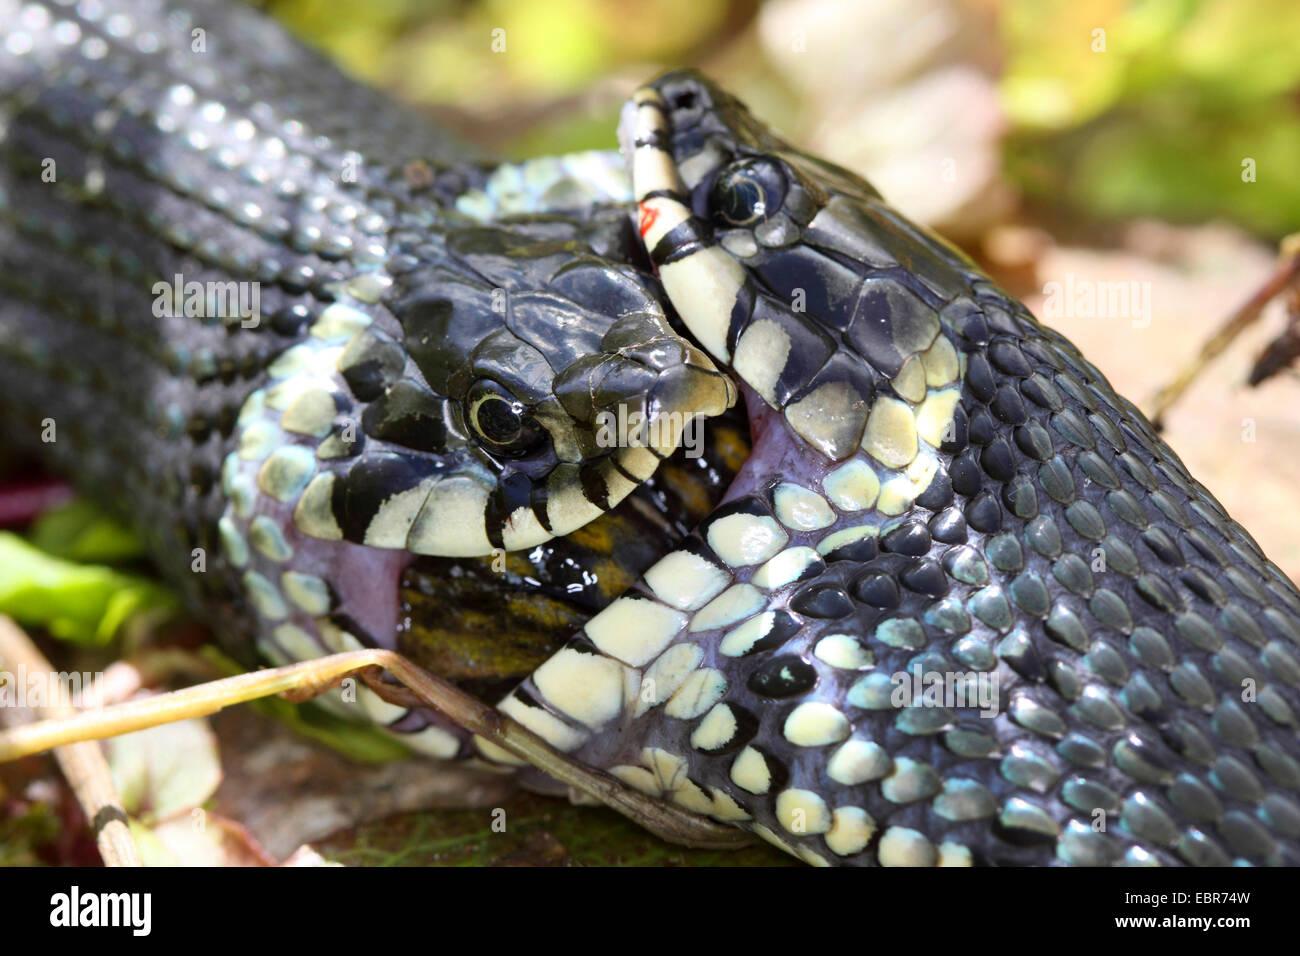 Couleuvre à collier (Natrix natrix), série photo 17, deux serpents se battre pour une grenouille, Allemagne, Mecklembourg-Poméranie-Occidentale Banque D'Images